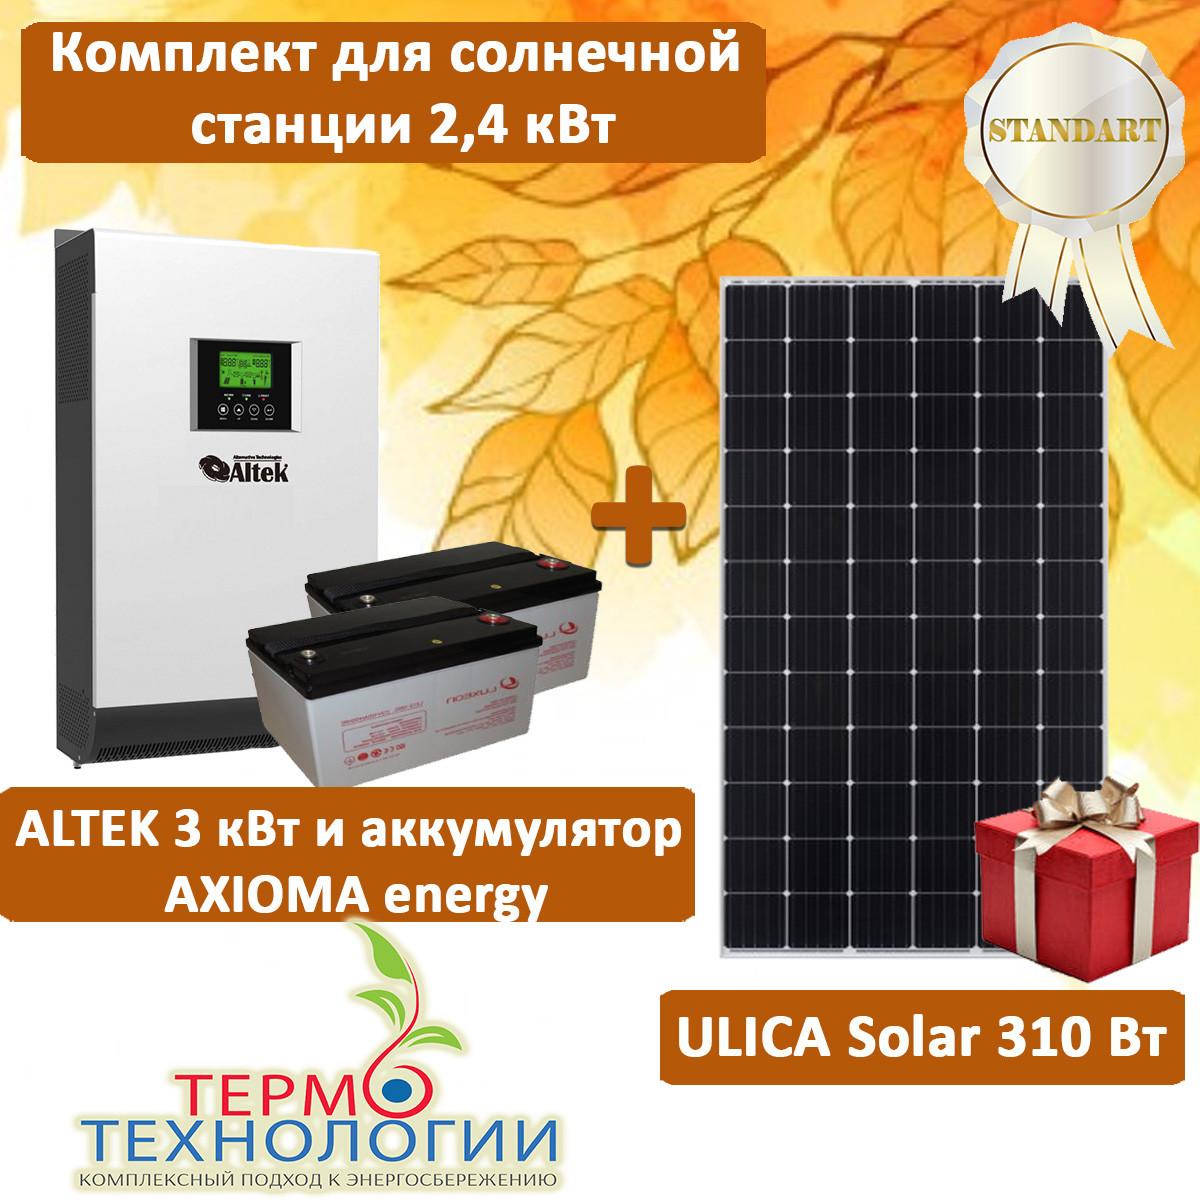 Комплект для автономной солнечной станции ULICA Solar 310 и ALTEK 3